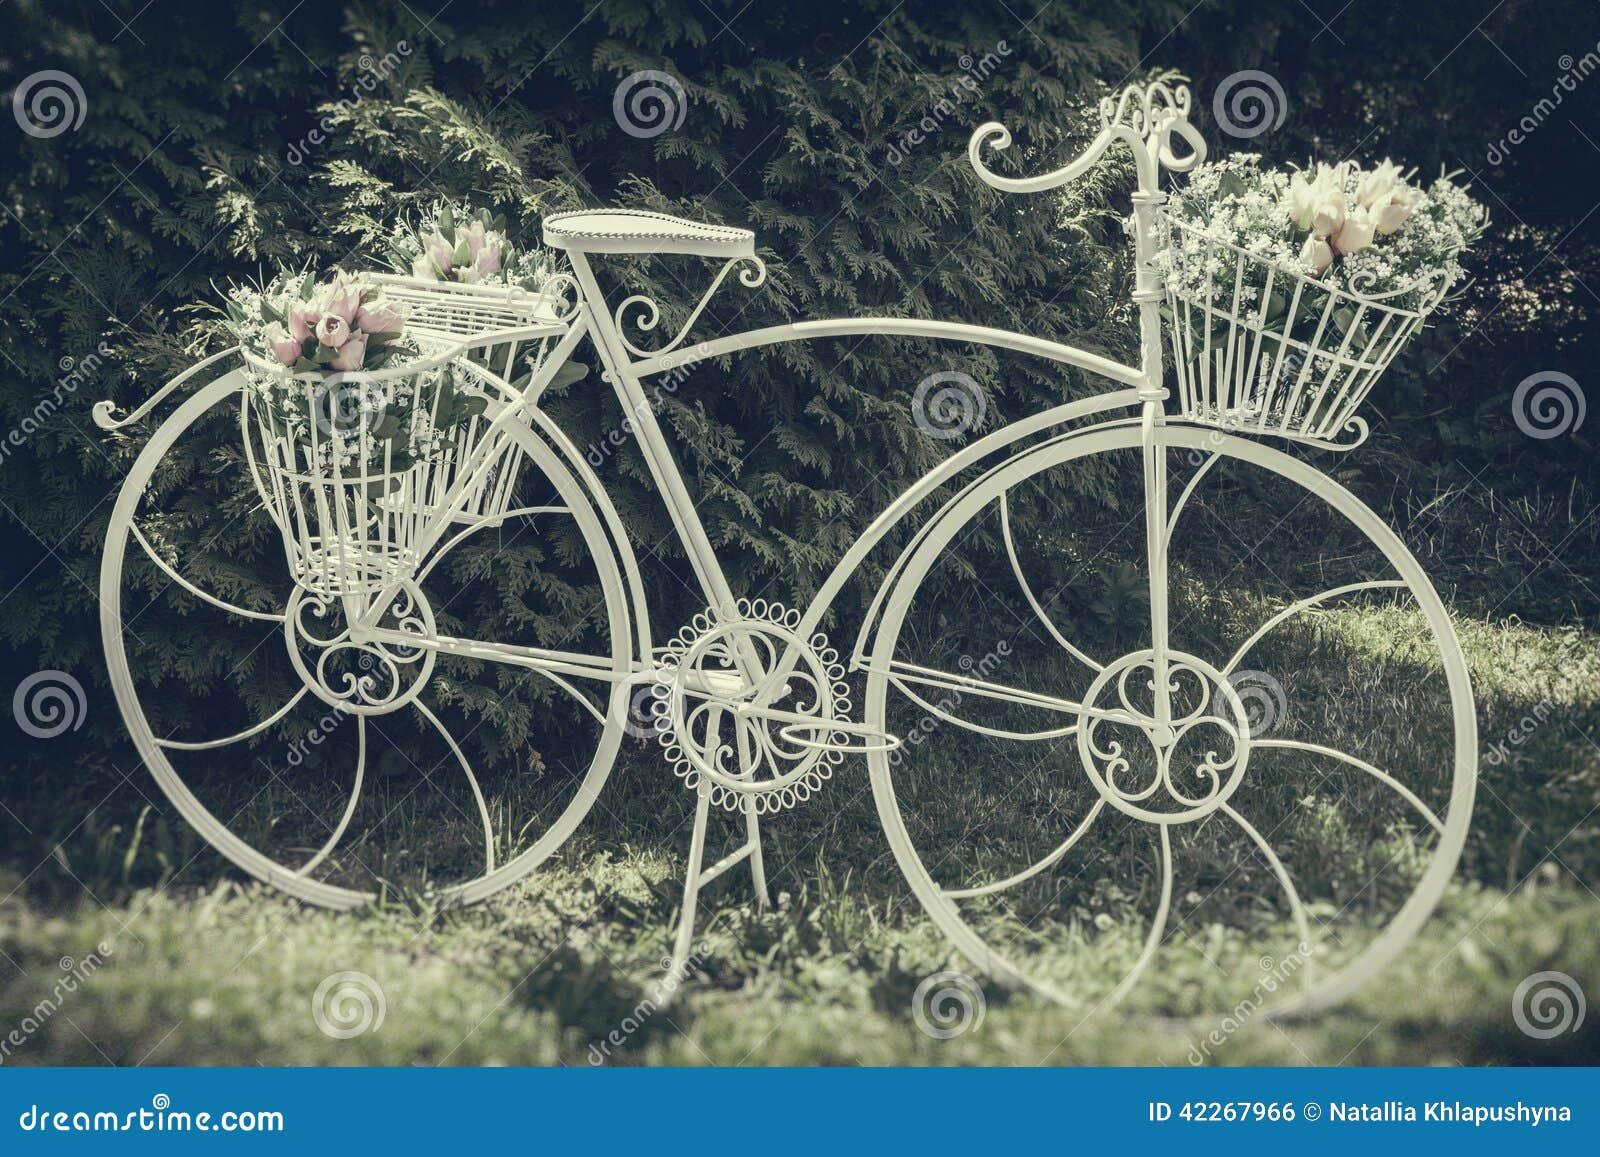 Bicicleta Del Vintage Adornada Con Las Flores Imagen